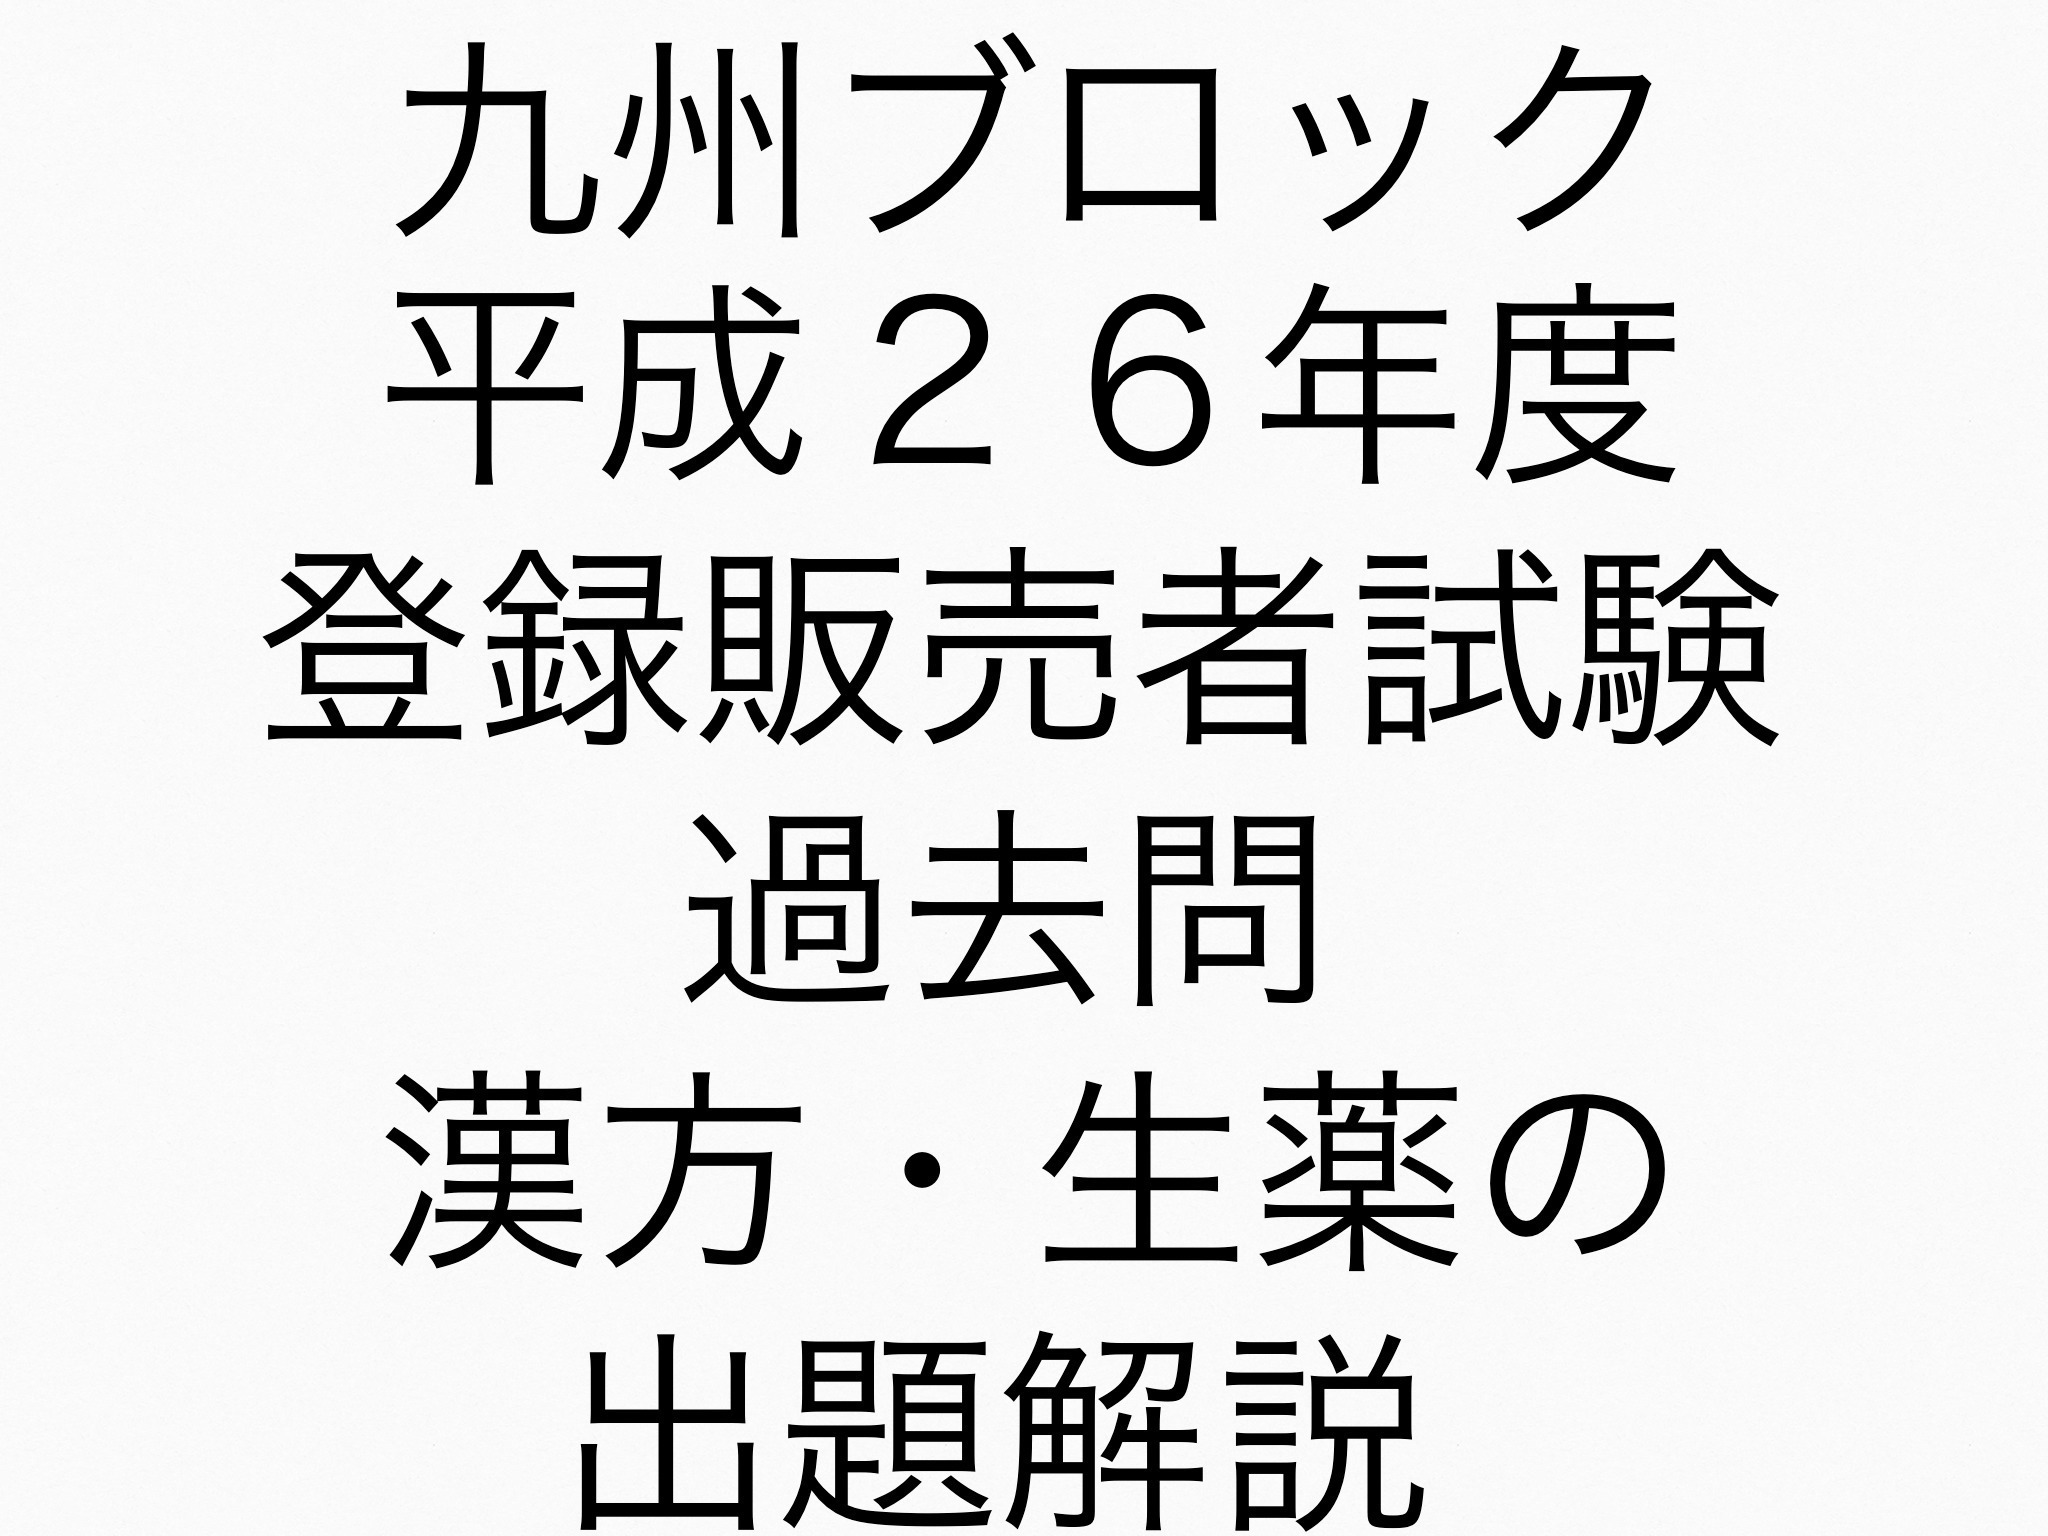 九州H26)登録販売者試験過去問 漢方・生薬の問題解説/出題傾向